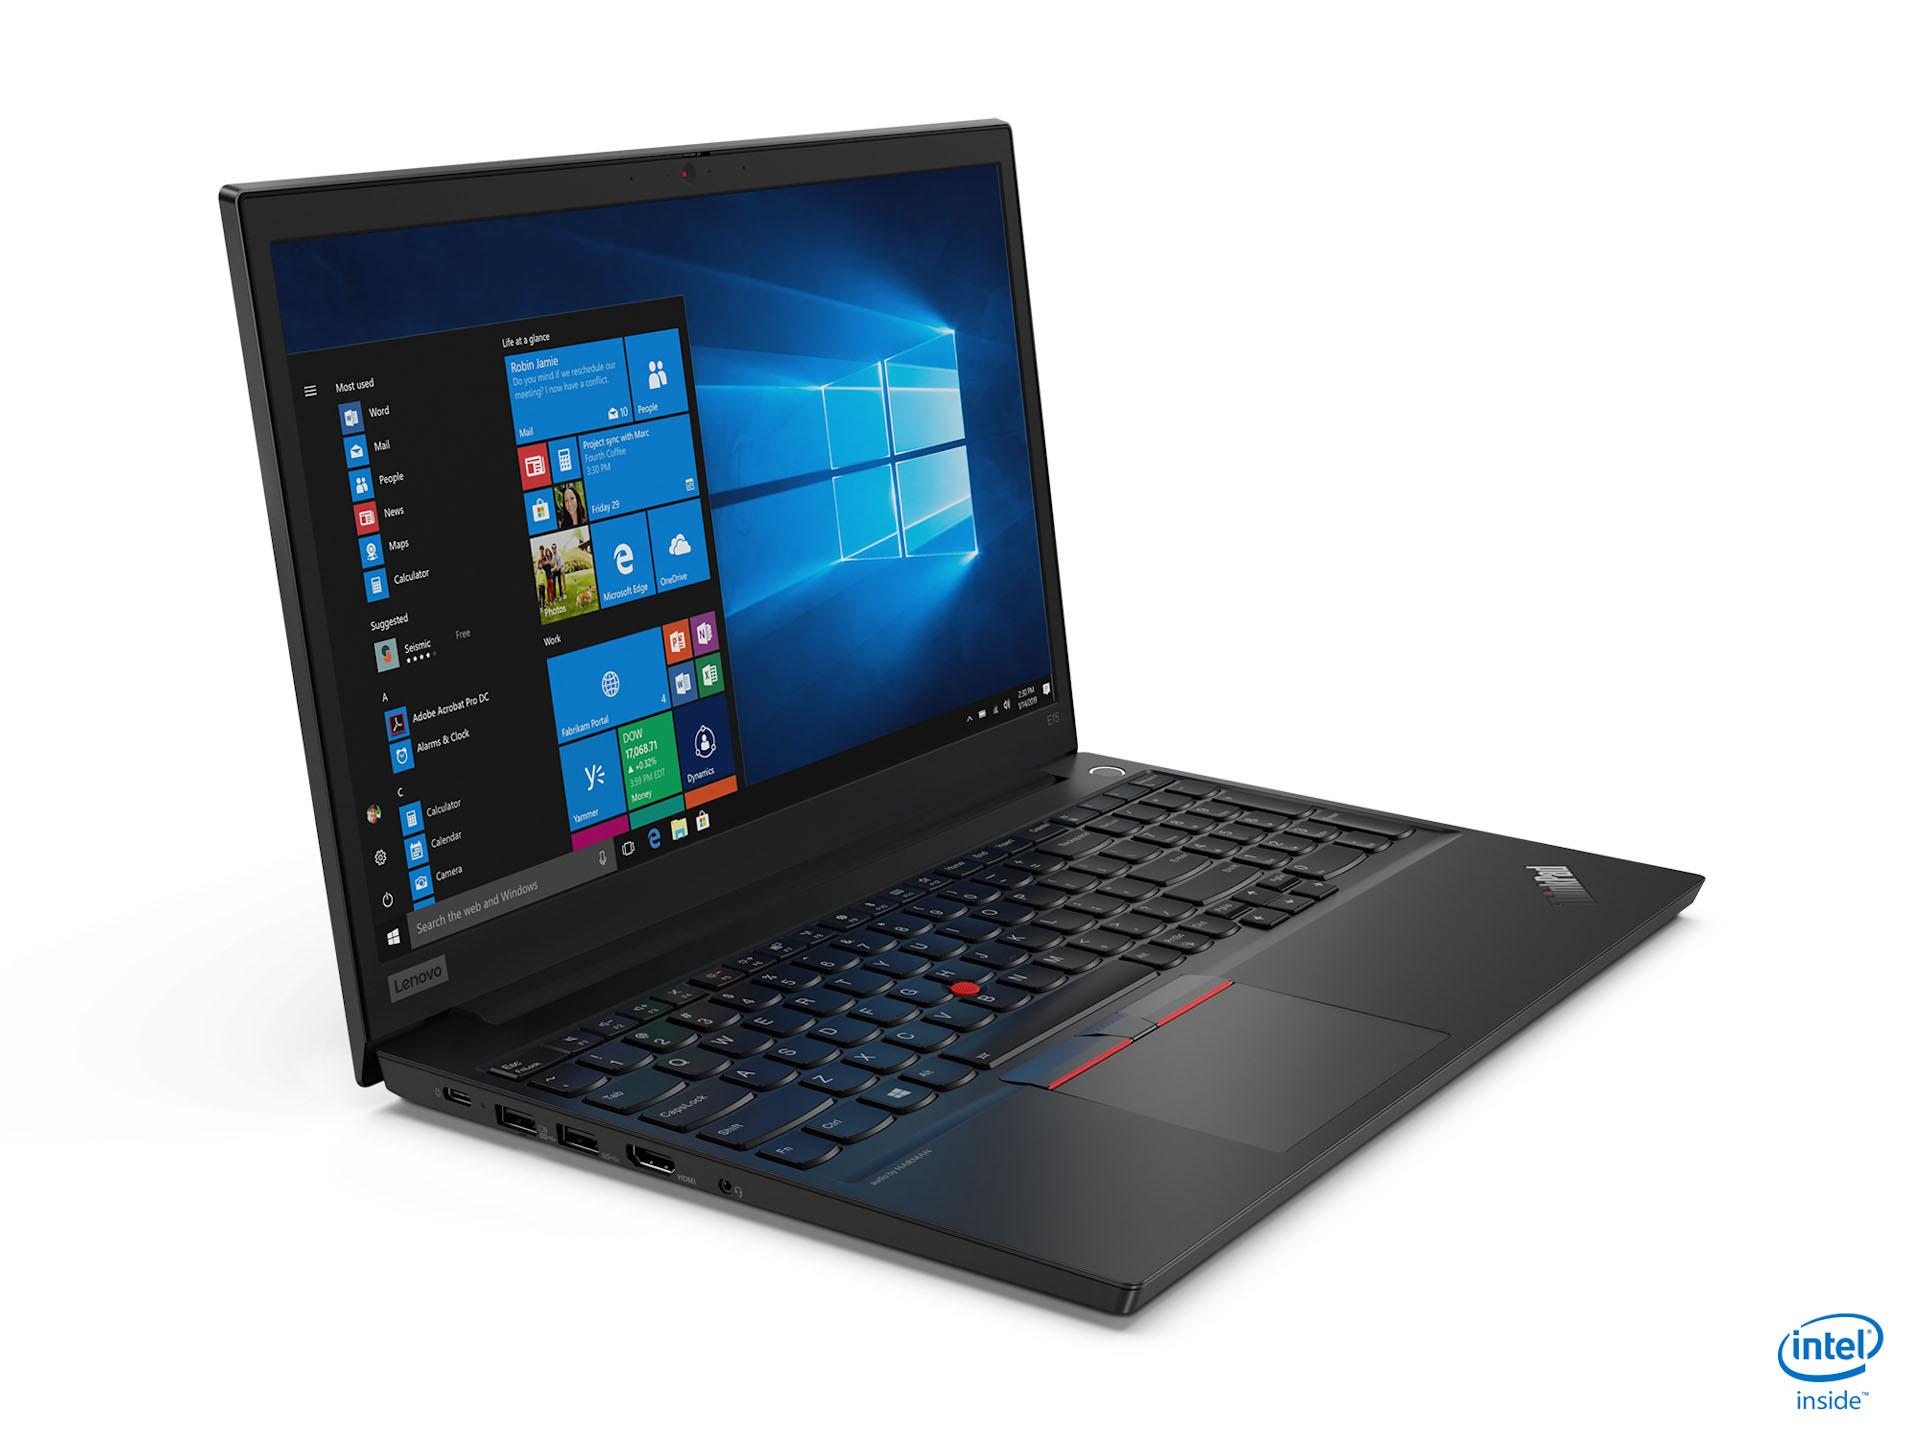 Lenovo nâng cấp dòng ThinkPad E Series giúp tăng cường năng suất làm việc của doanh nghiệp vừa và nhỏ